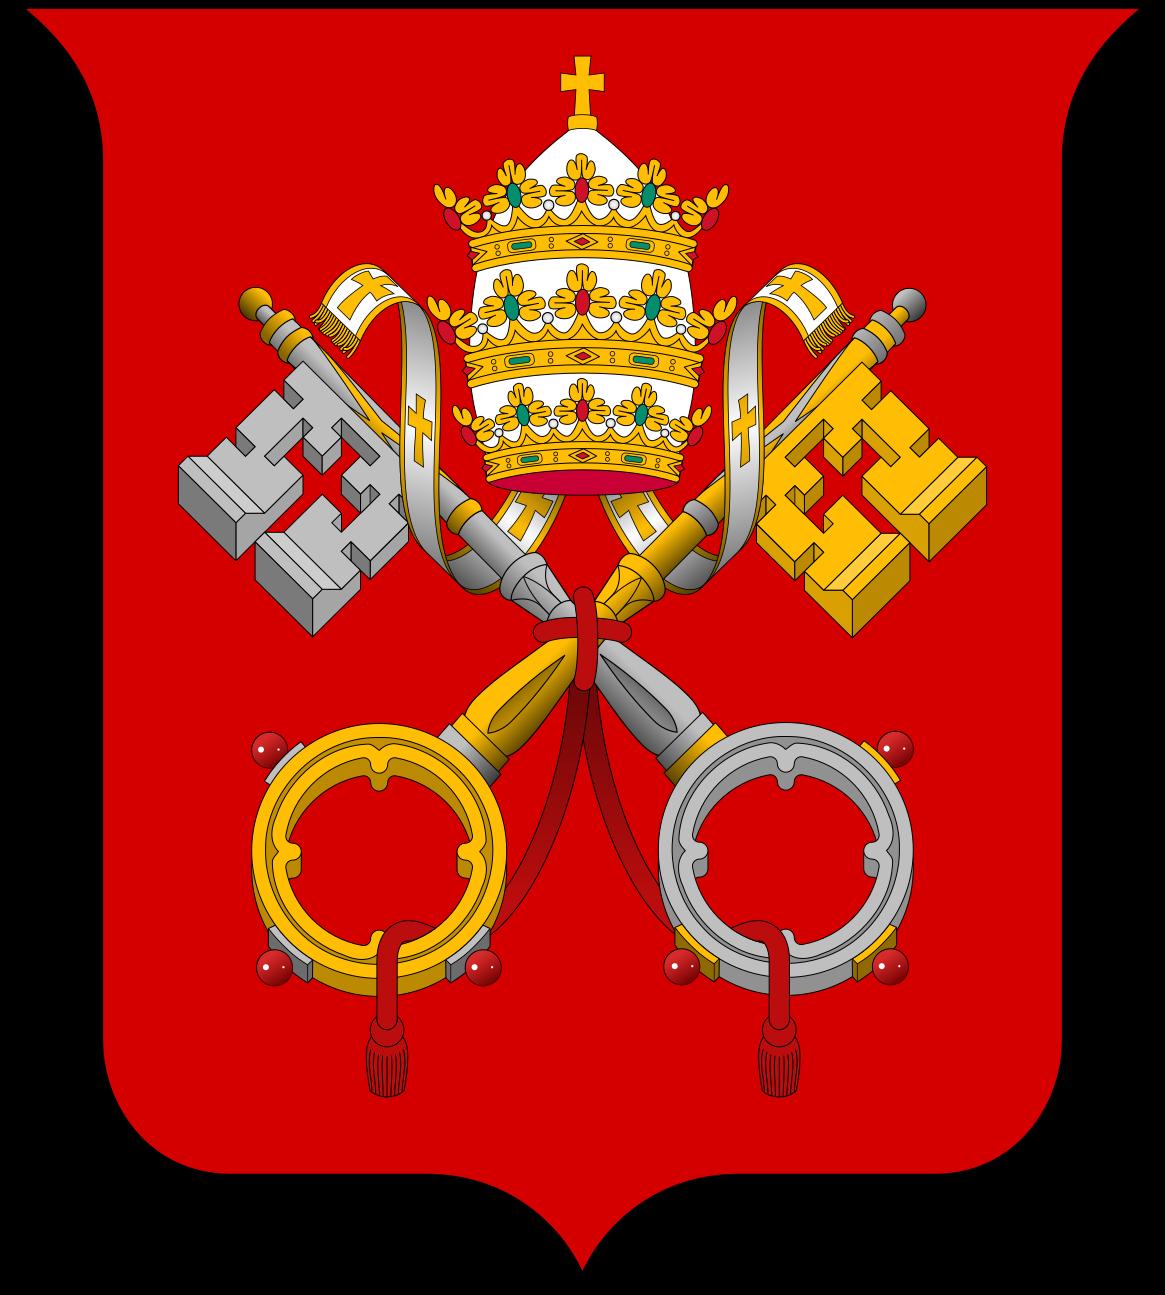 National emblem of Vatican City